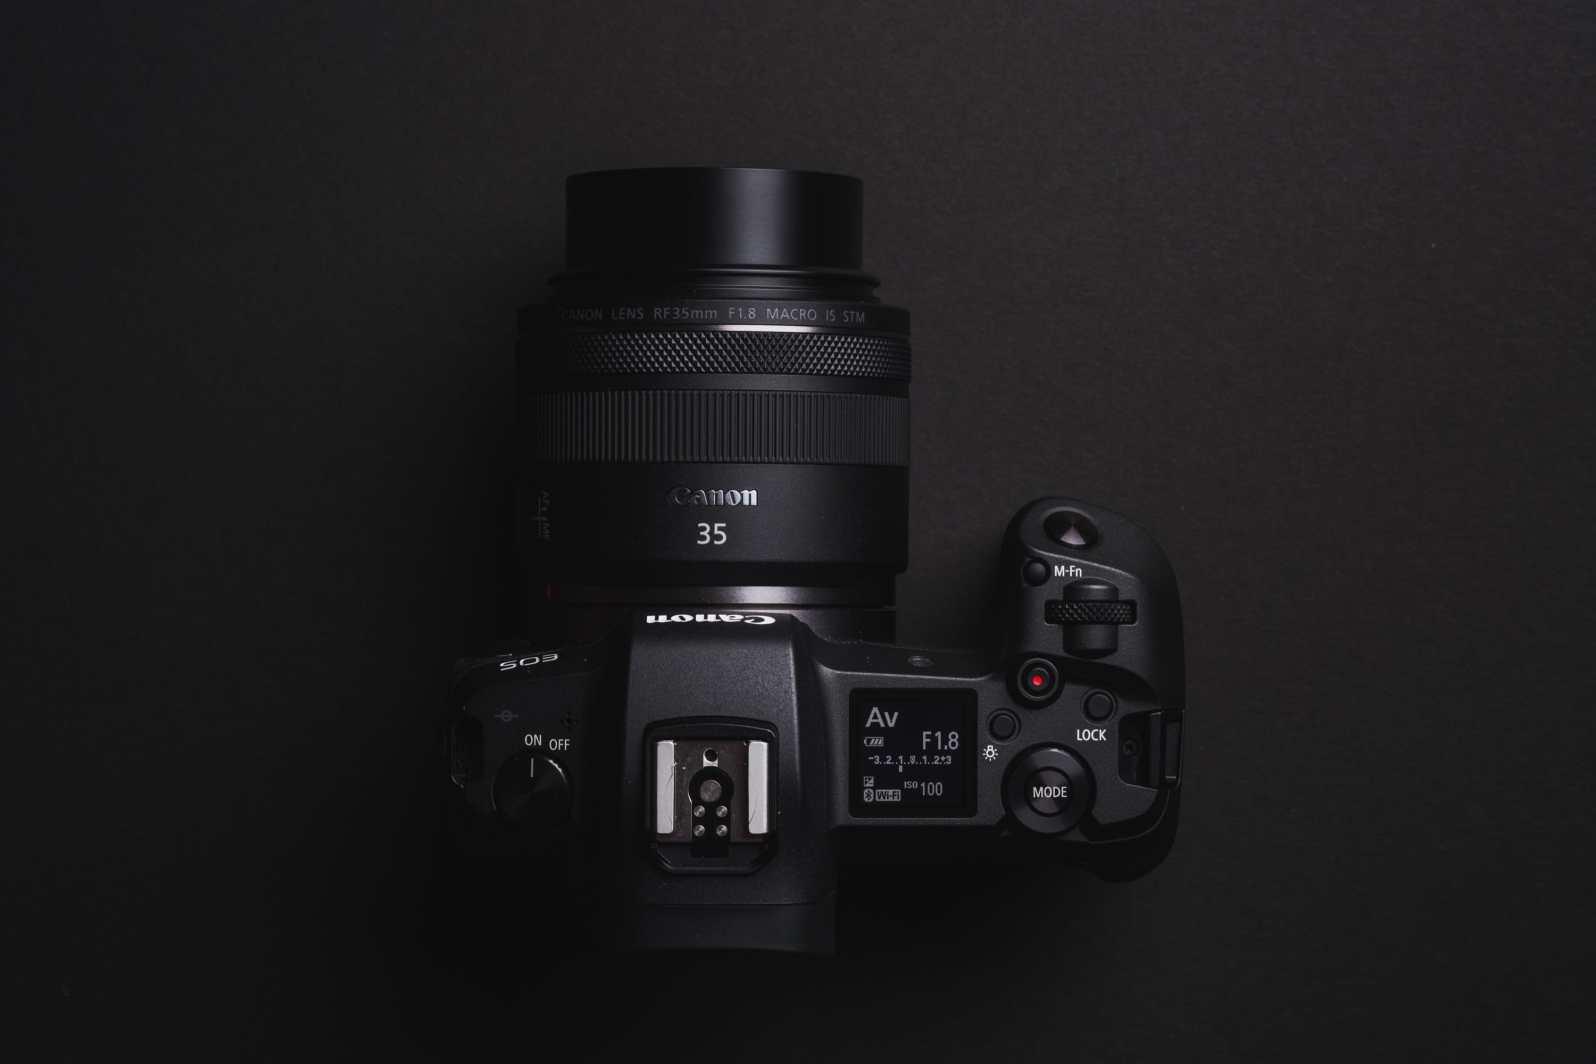 Canon RF 35mm f1.8 Product Shots